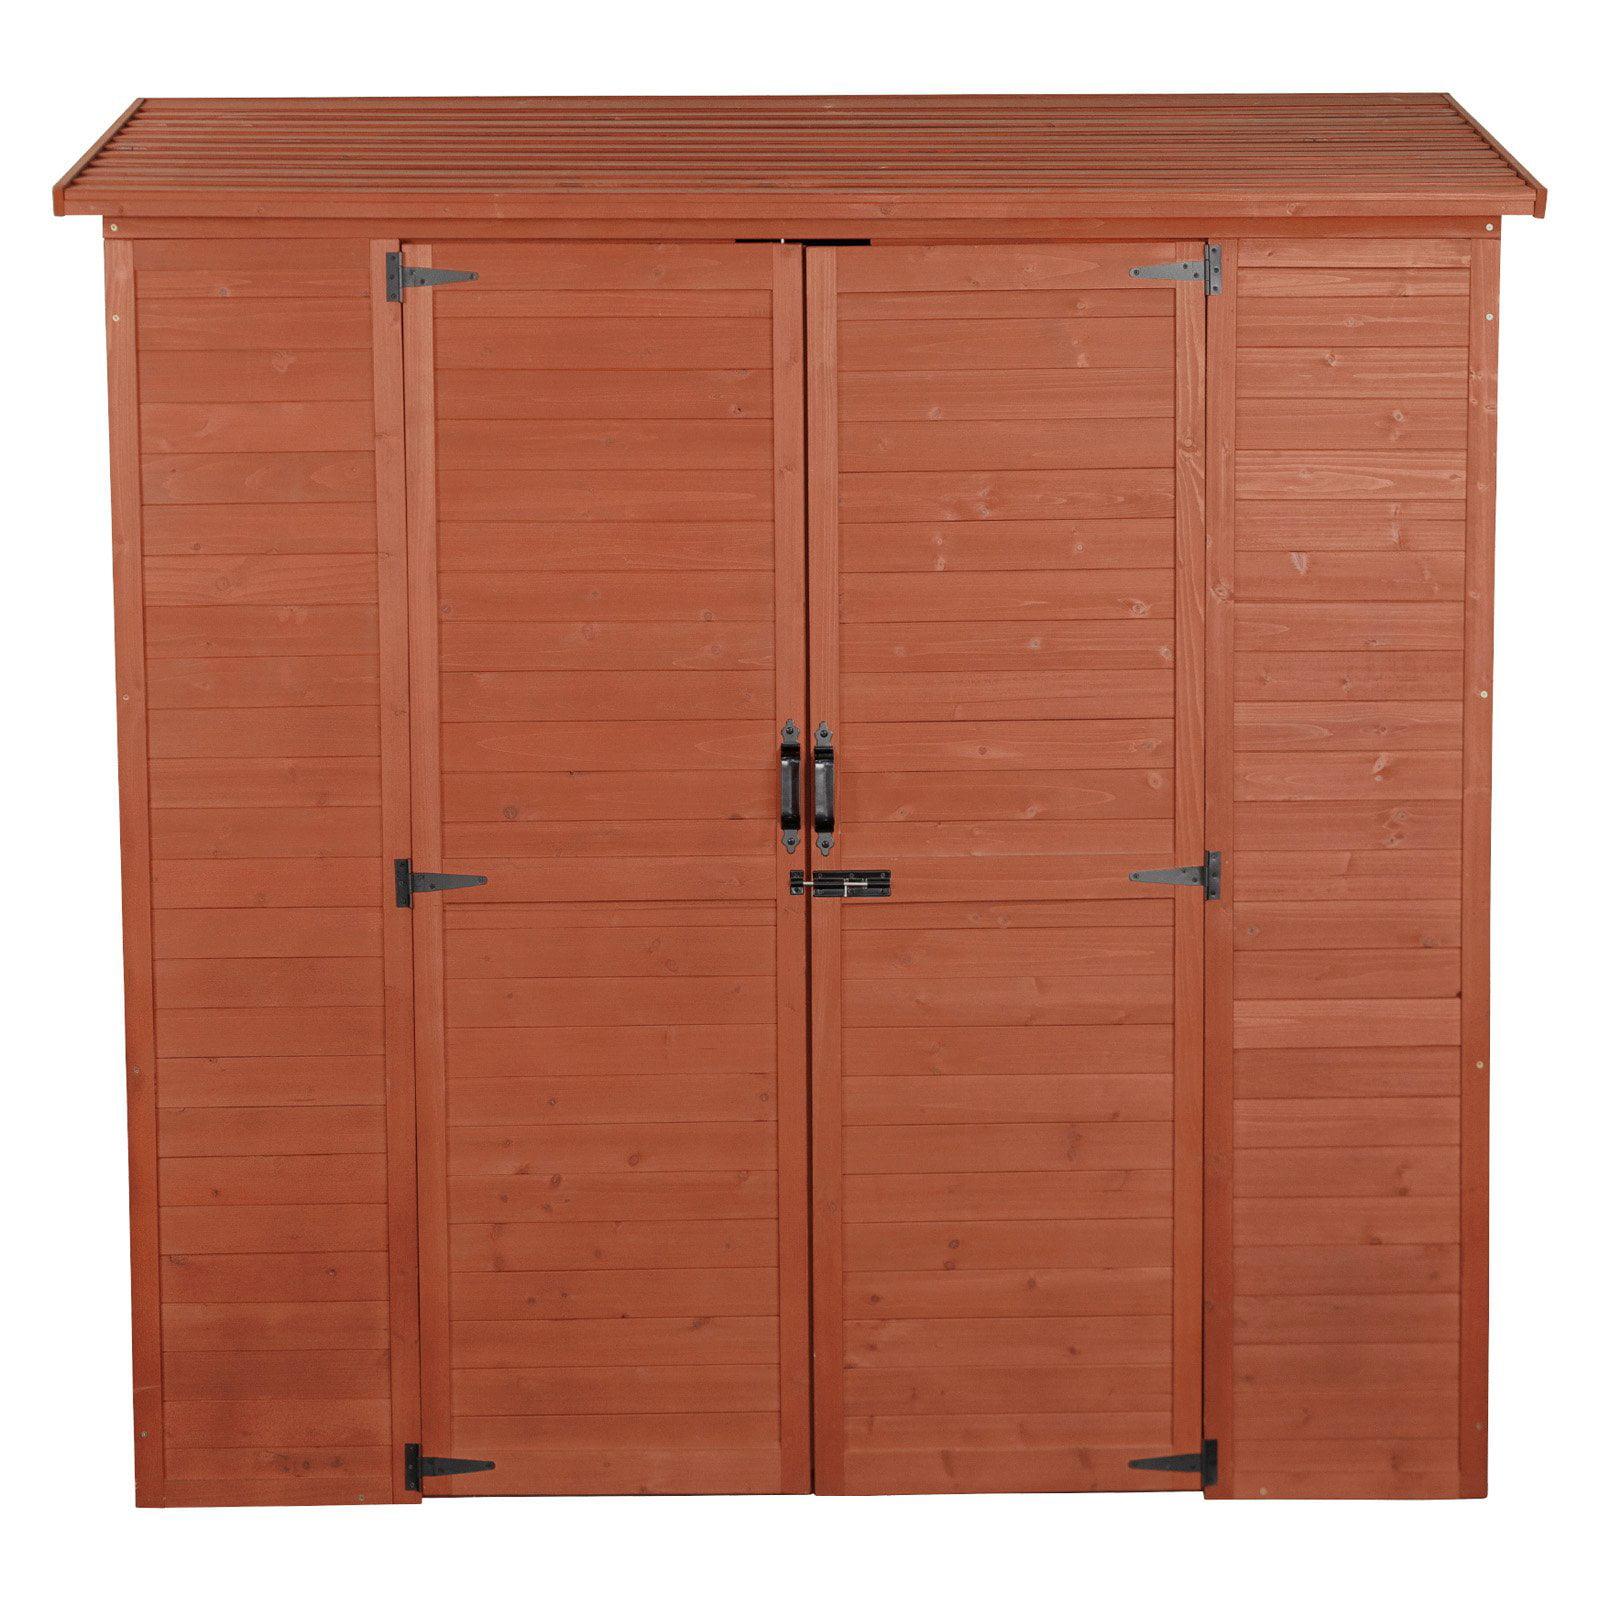 Leisure Season Extra-Large Storage Shed, Medium Brown